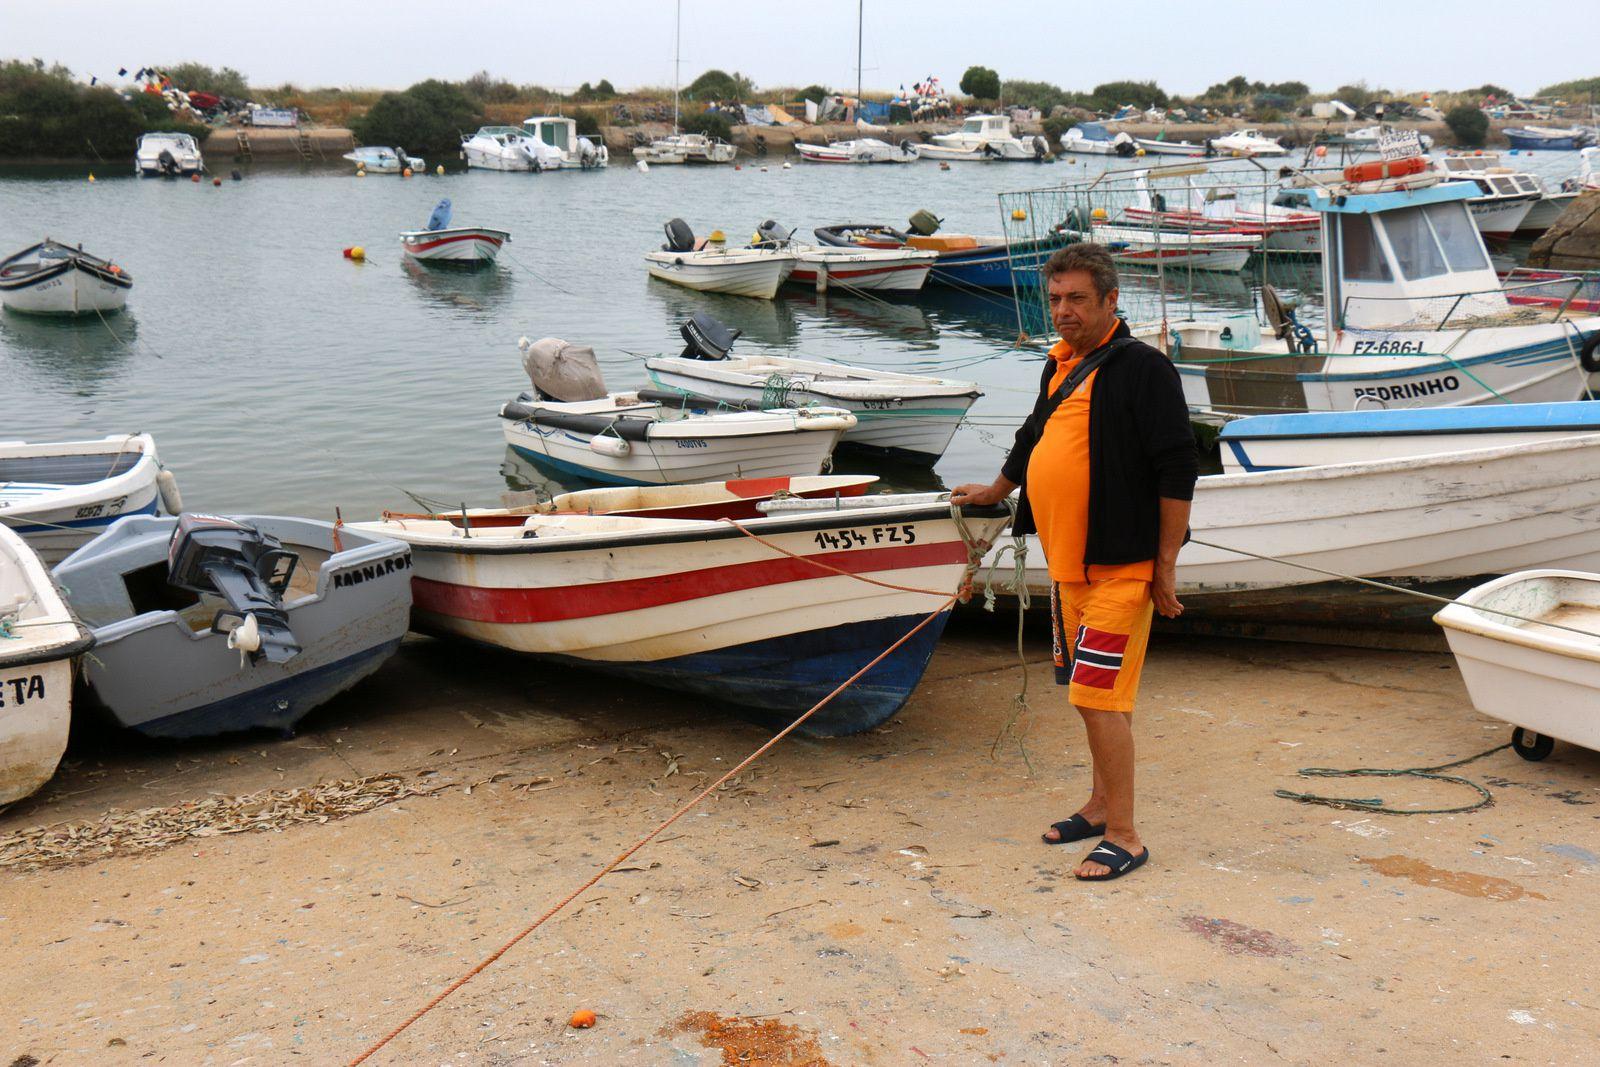 Bateaux de pêche à Olhão, Algarve (Portugal)